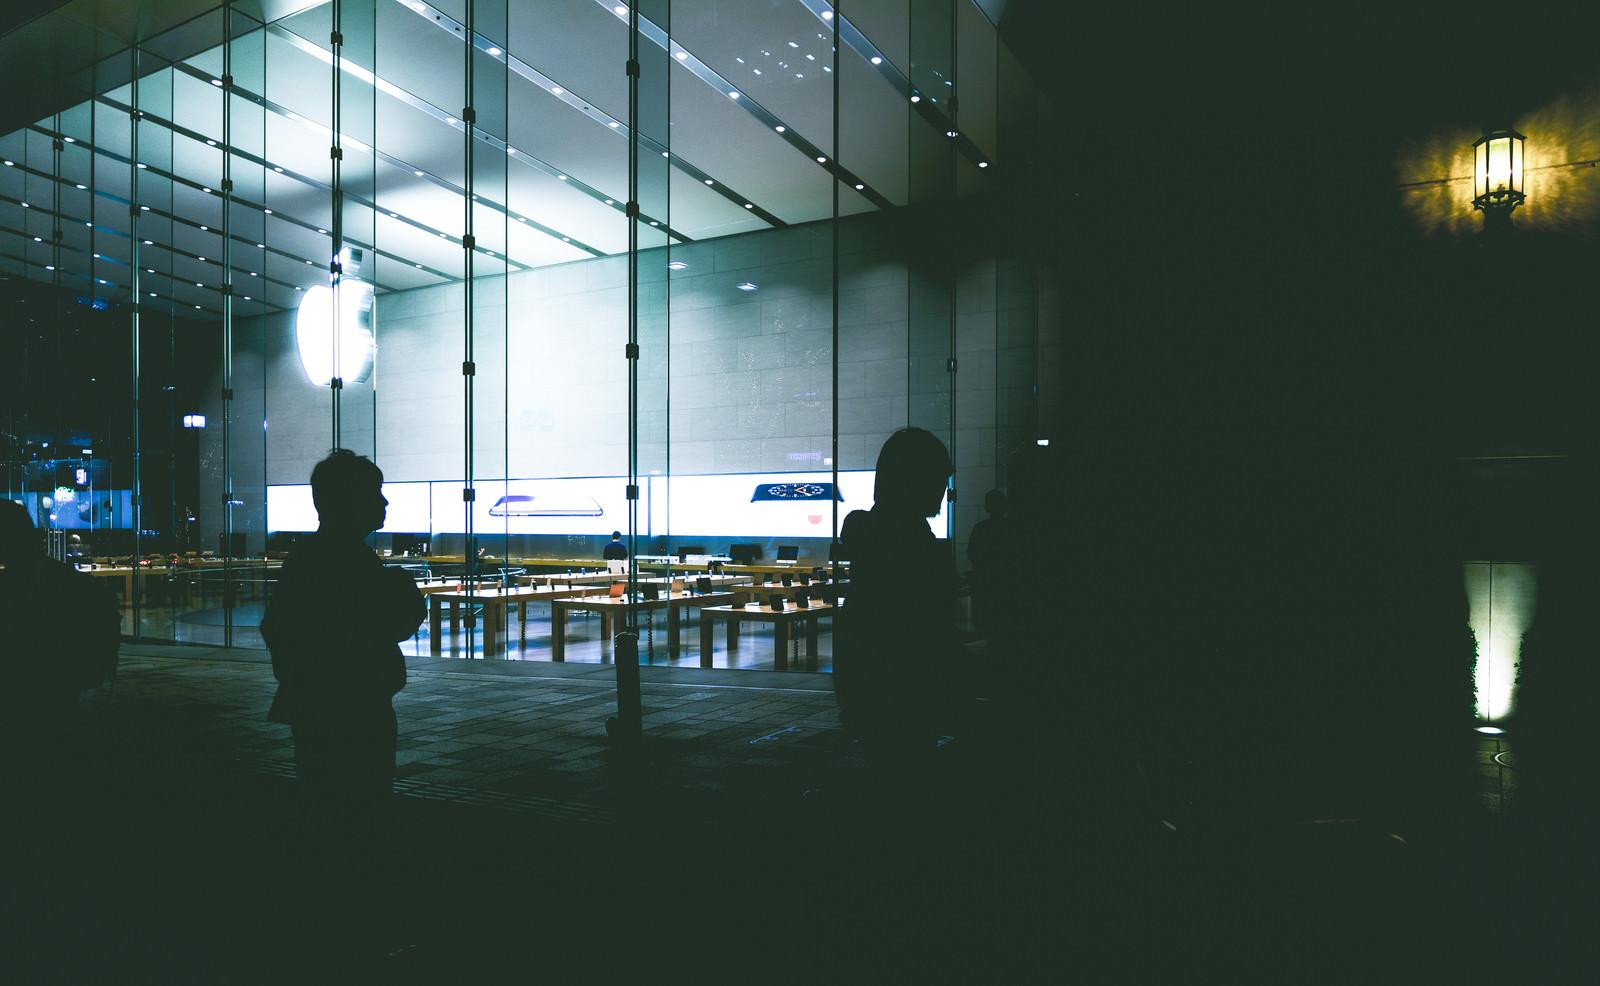 「アップルストア前に集る人たち」の写真